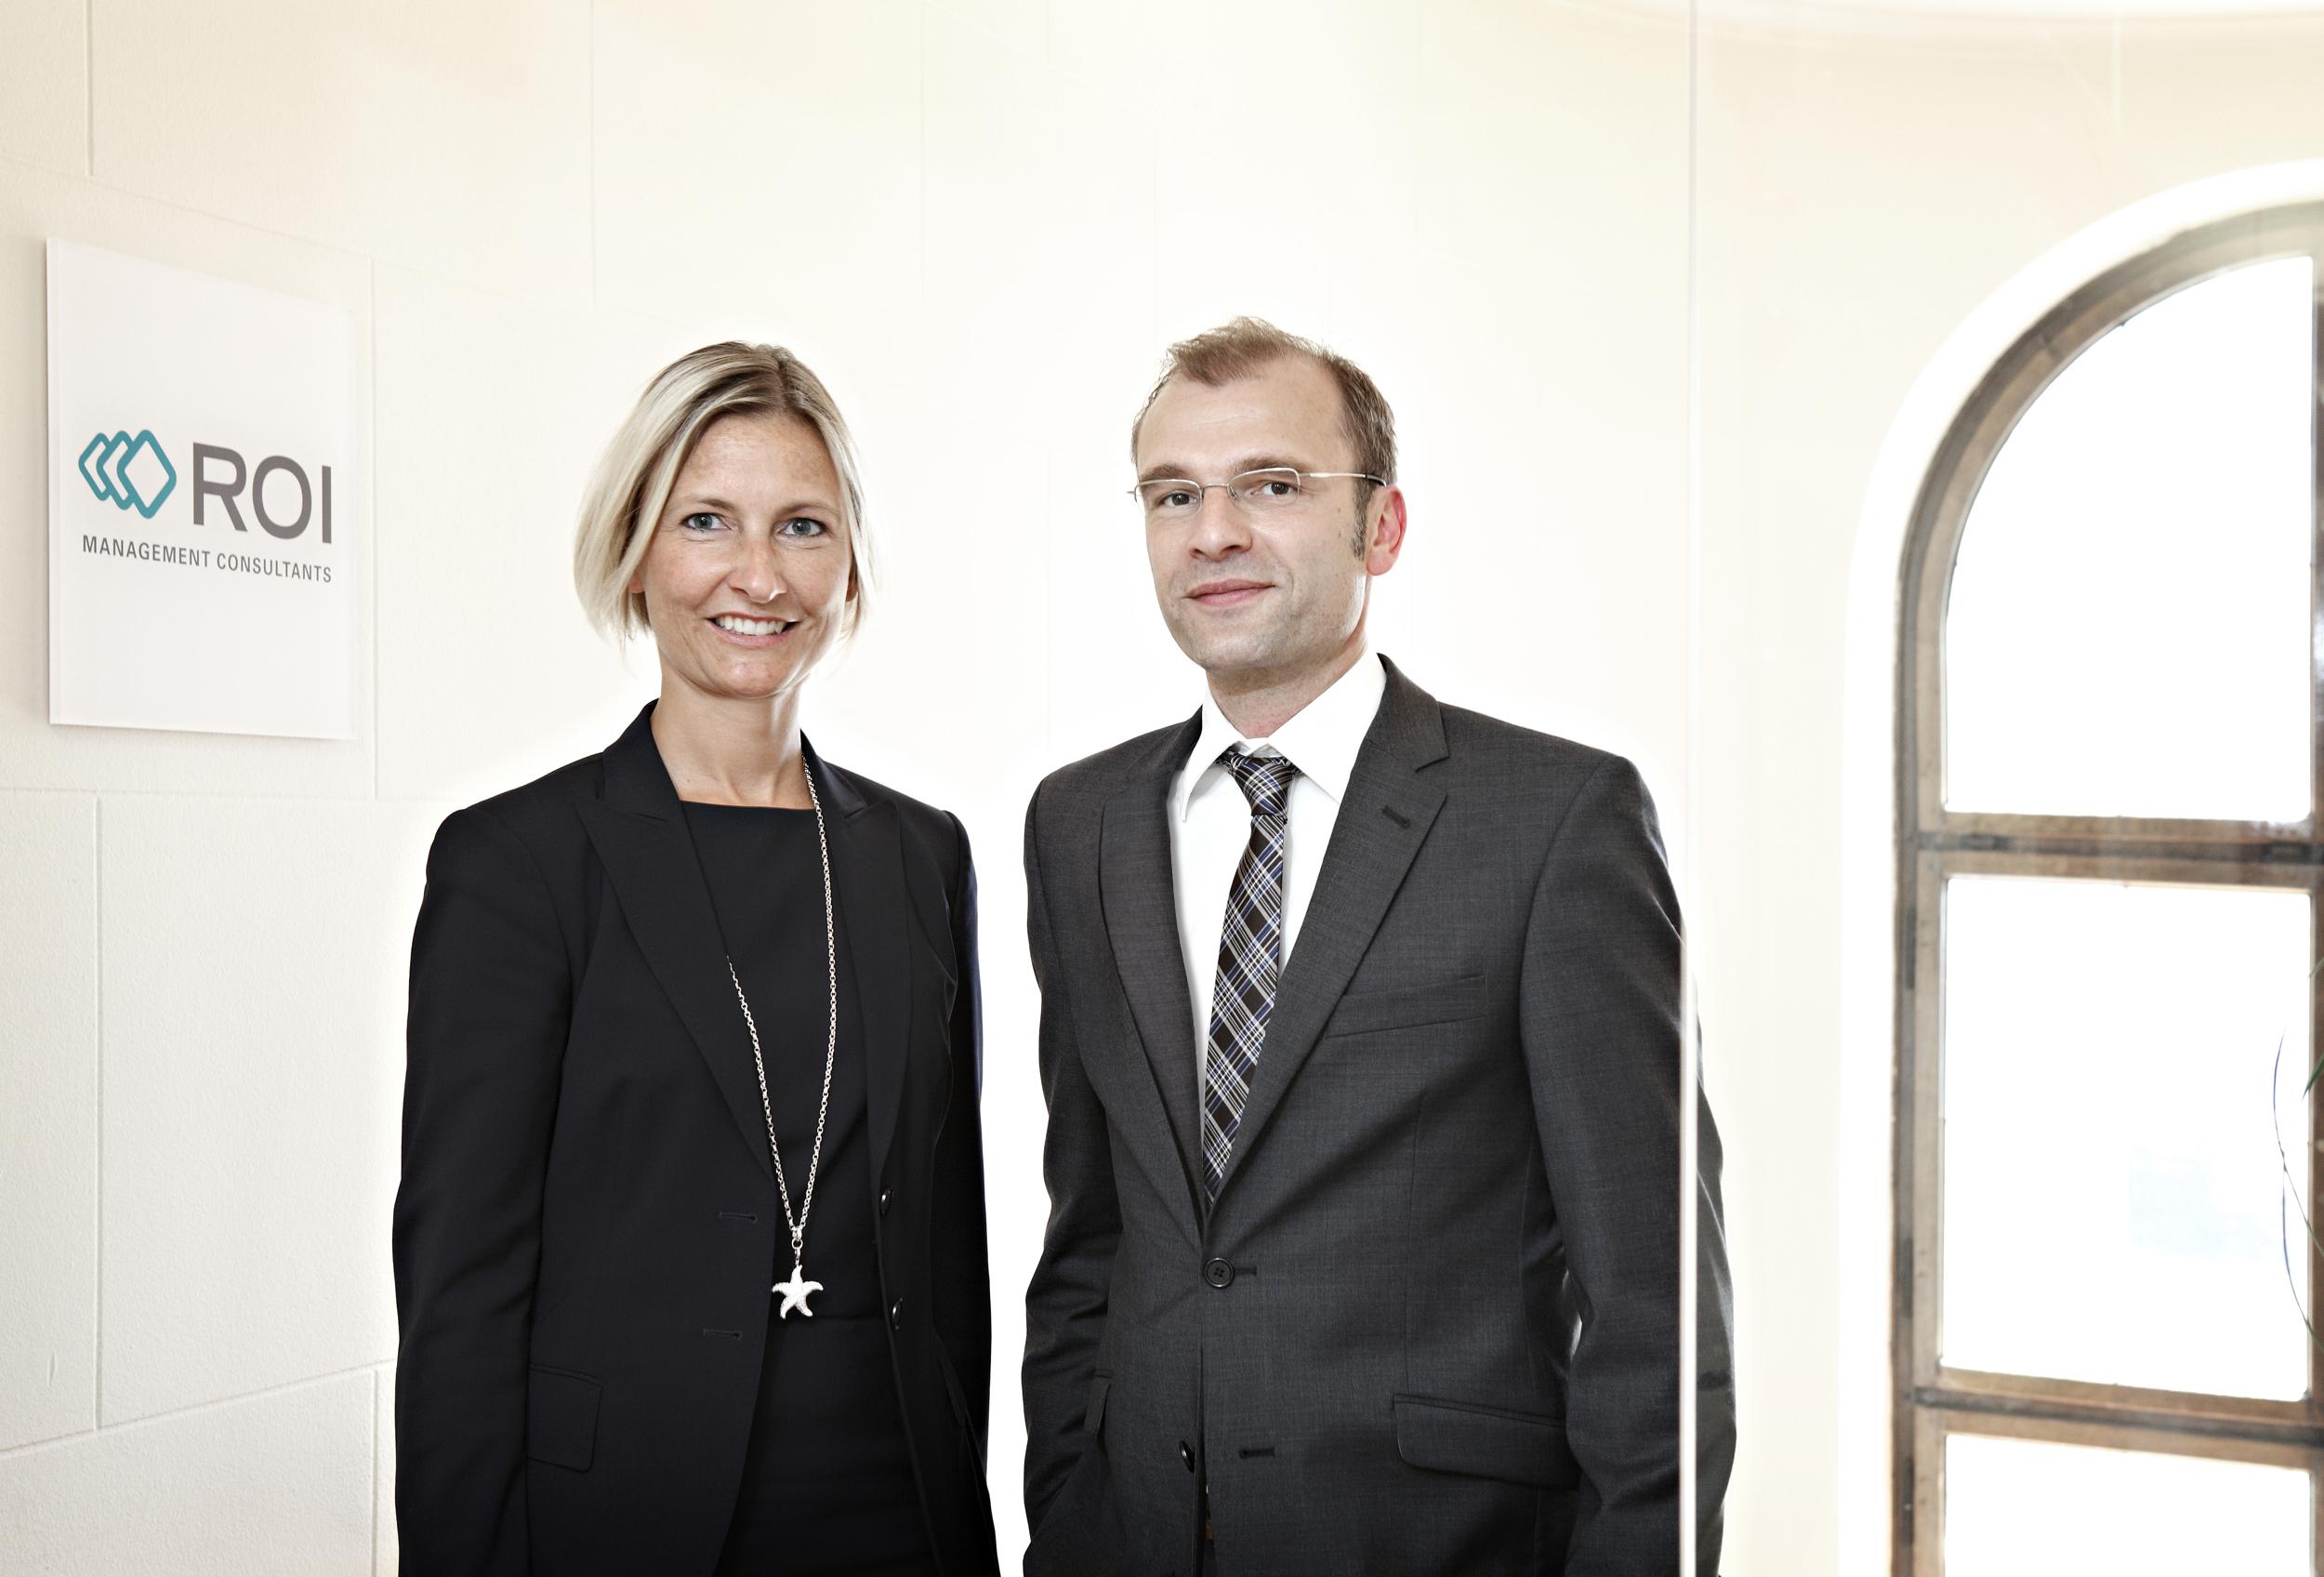 Foto von einer Frau und einem Mann